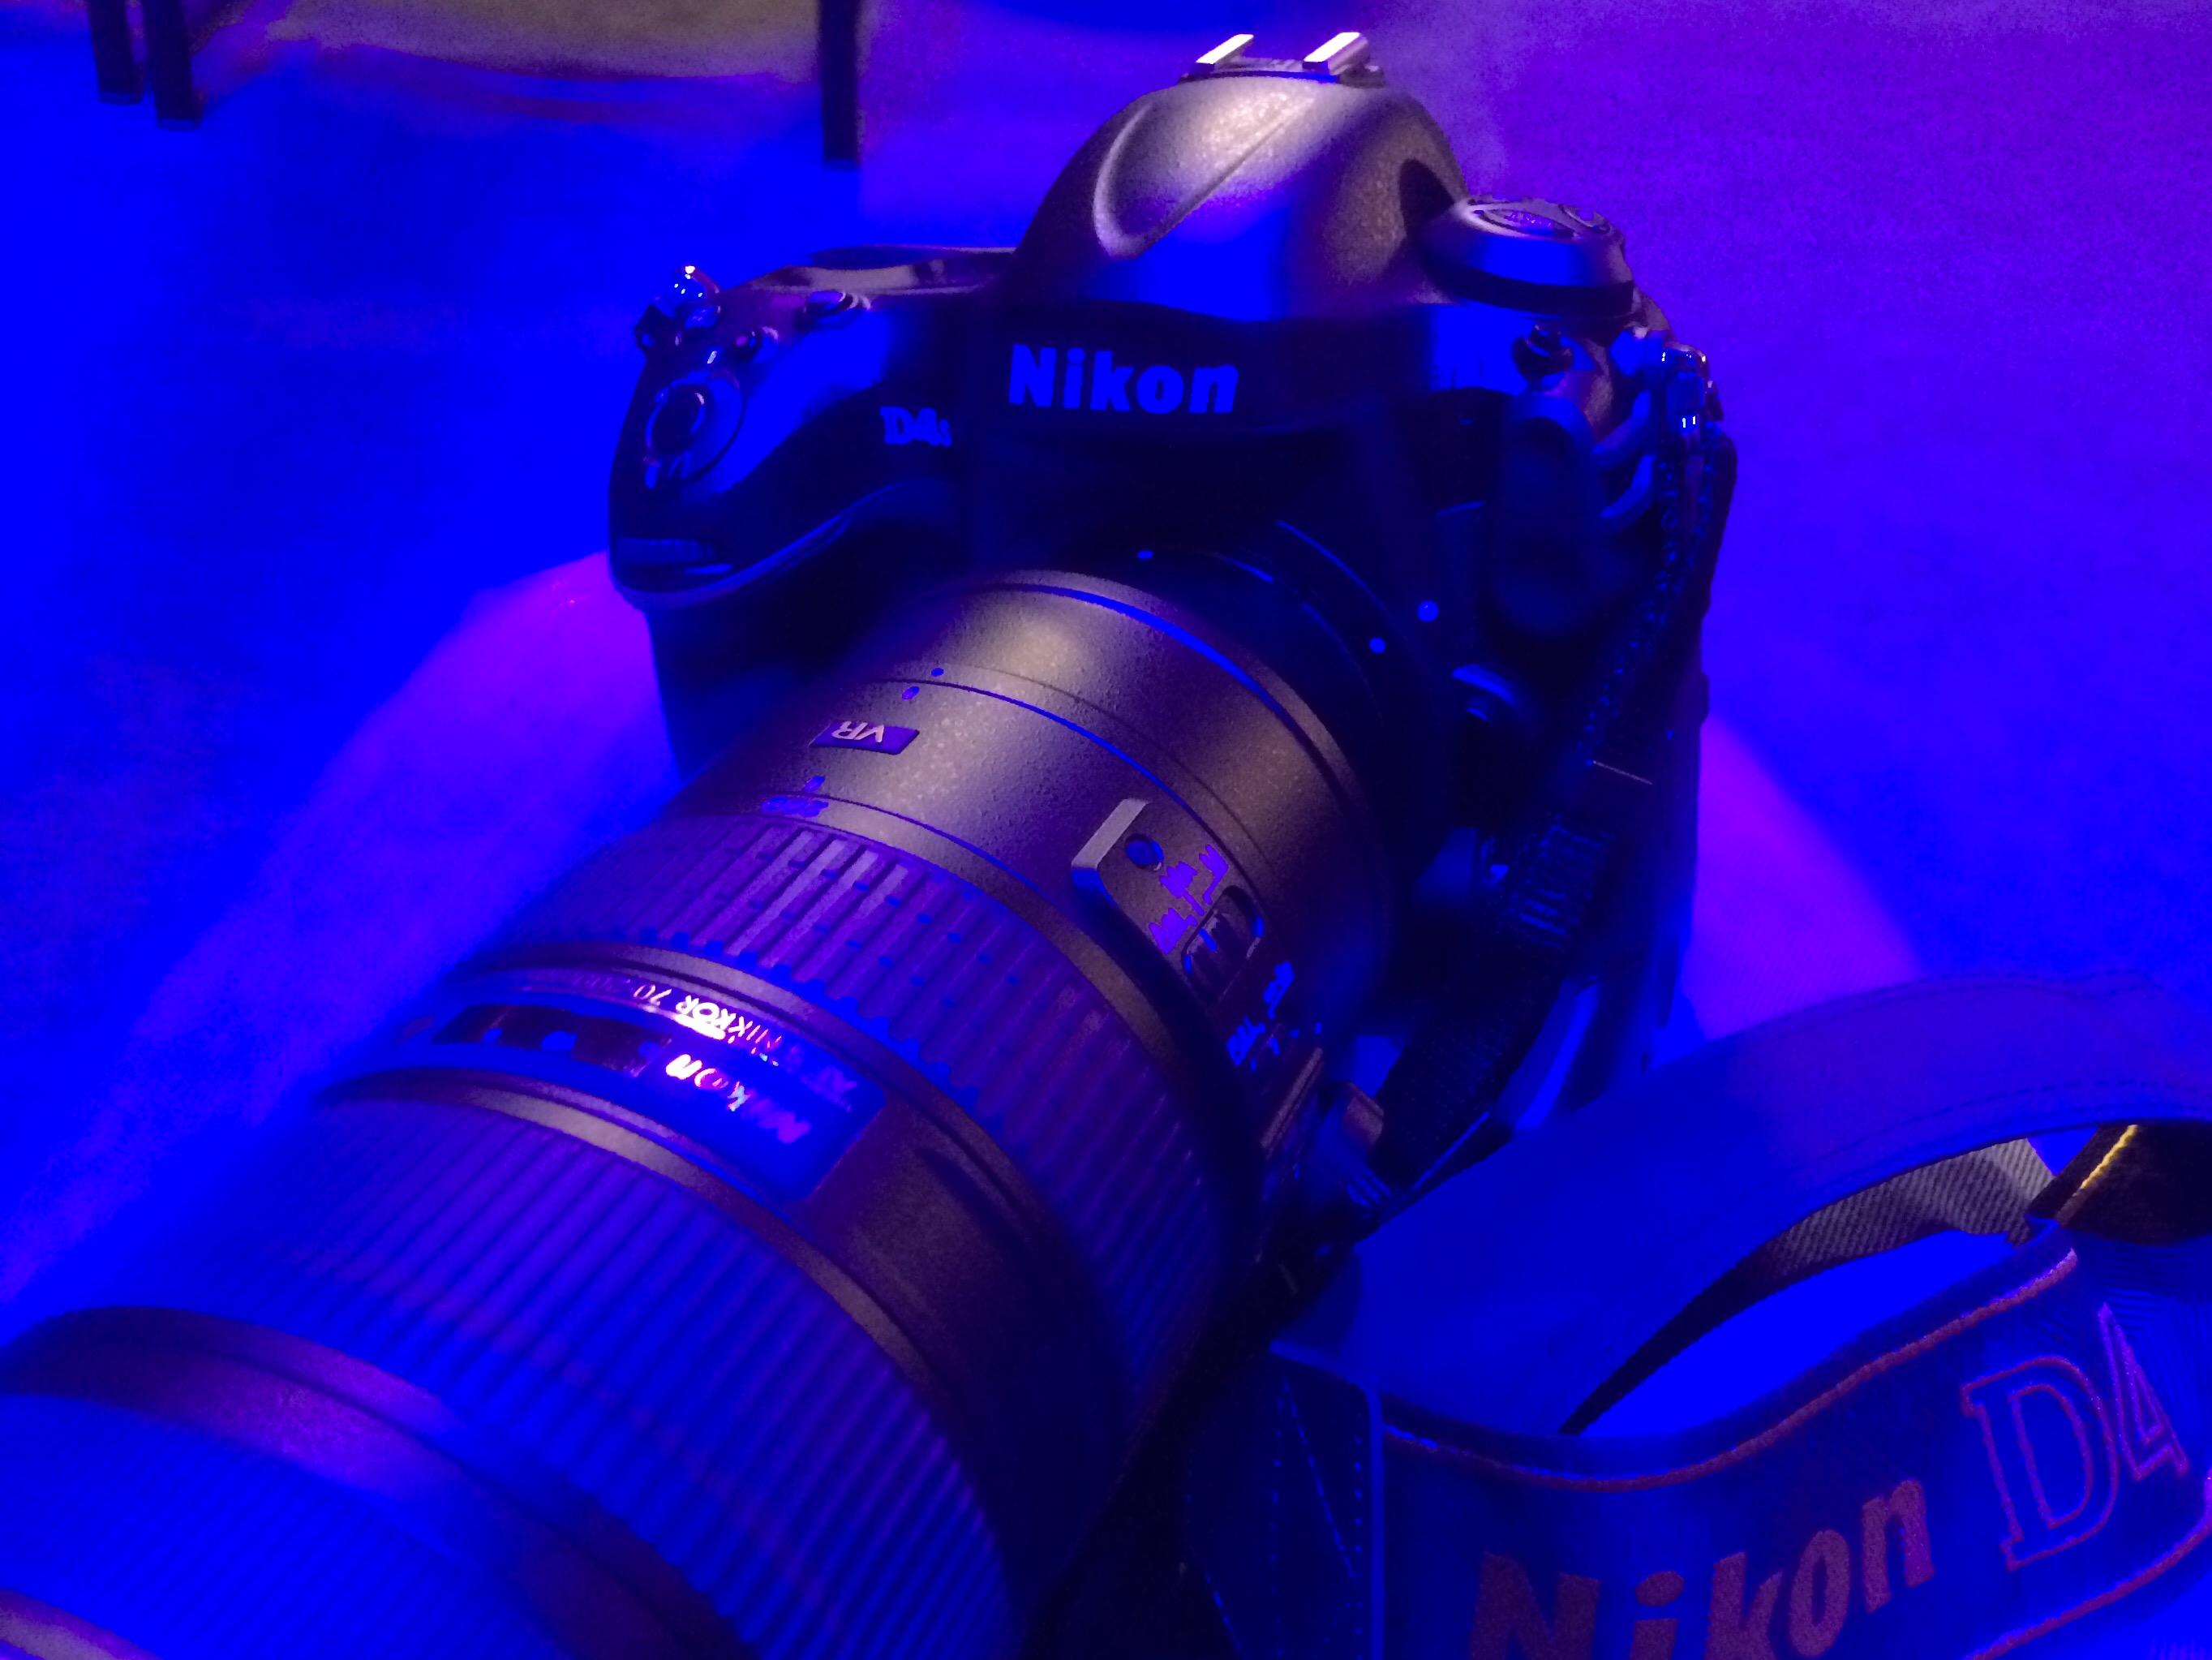 Nikon D4s - Championnat du monde de Billard 3 bandes - Bordeaux